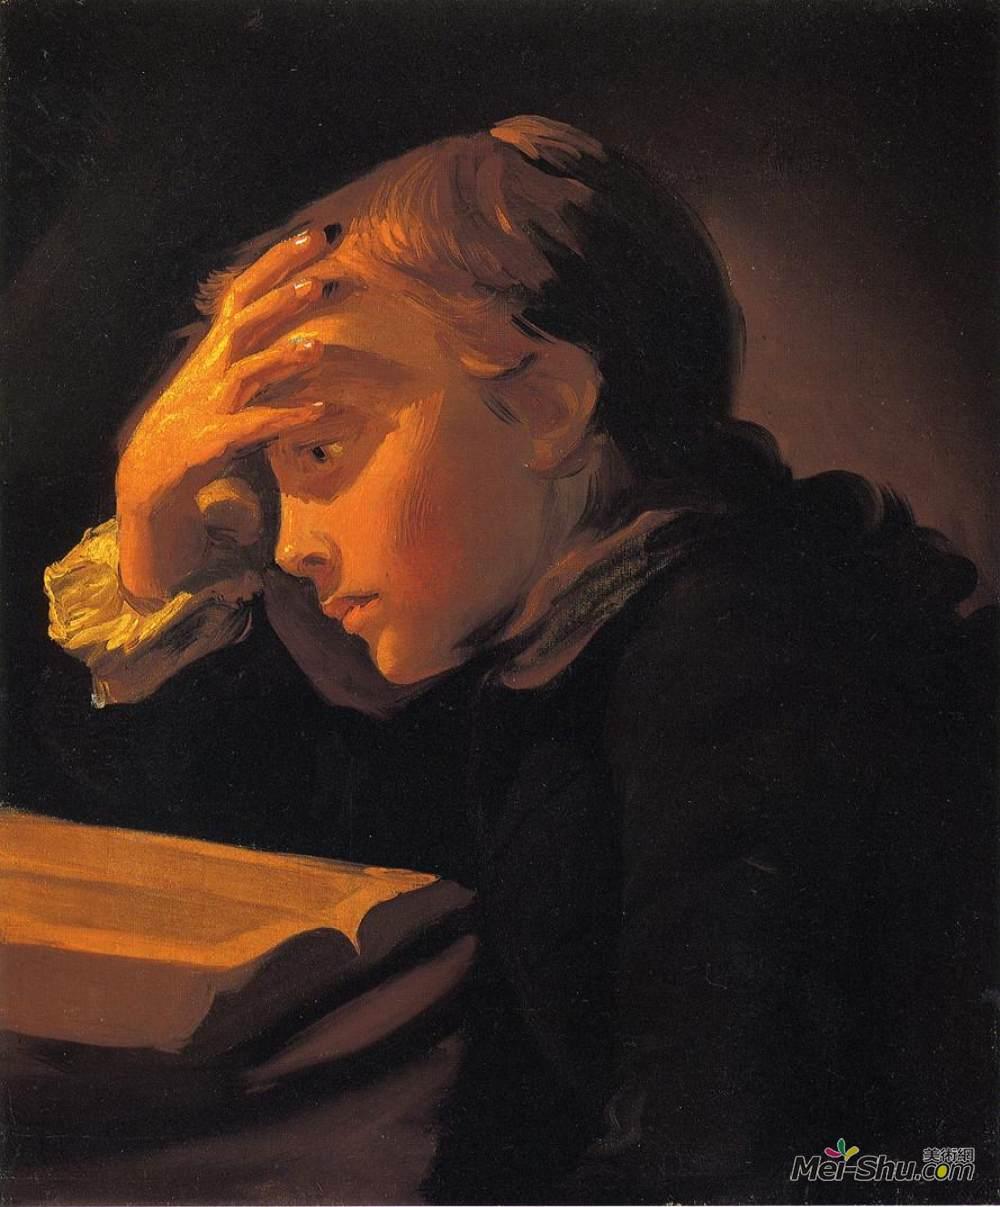 约翰·辛格顿·科普利(John Singleton Copley)高清作品《亨利·佩勒姆》